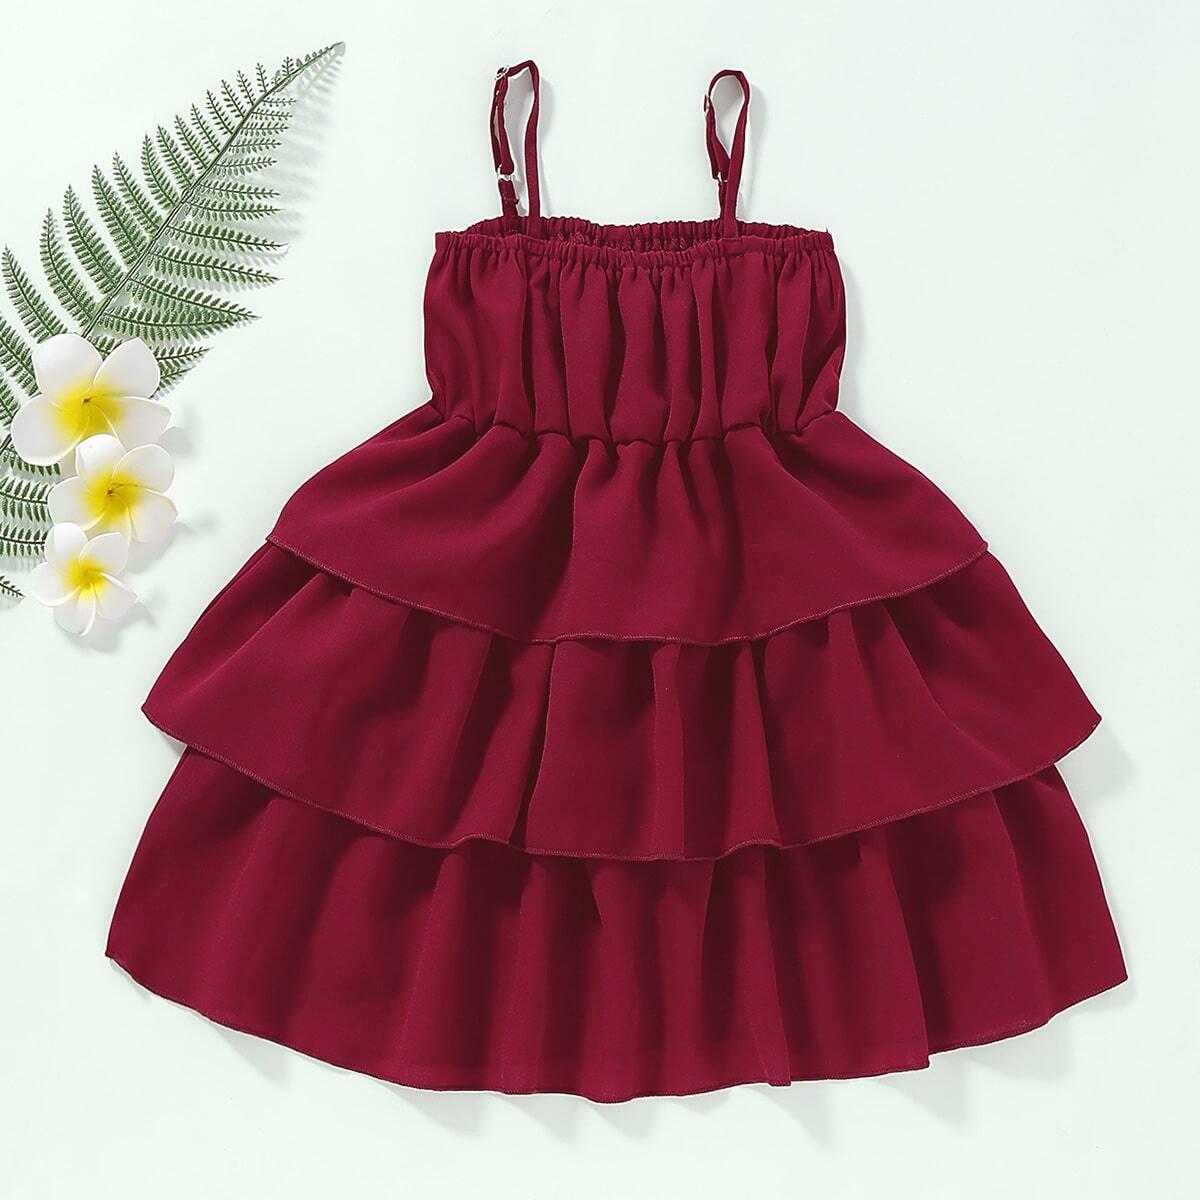 Многоуровневое платье для девочек